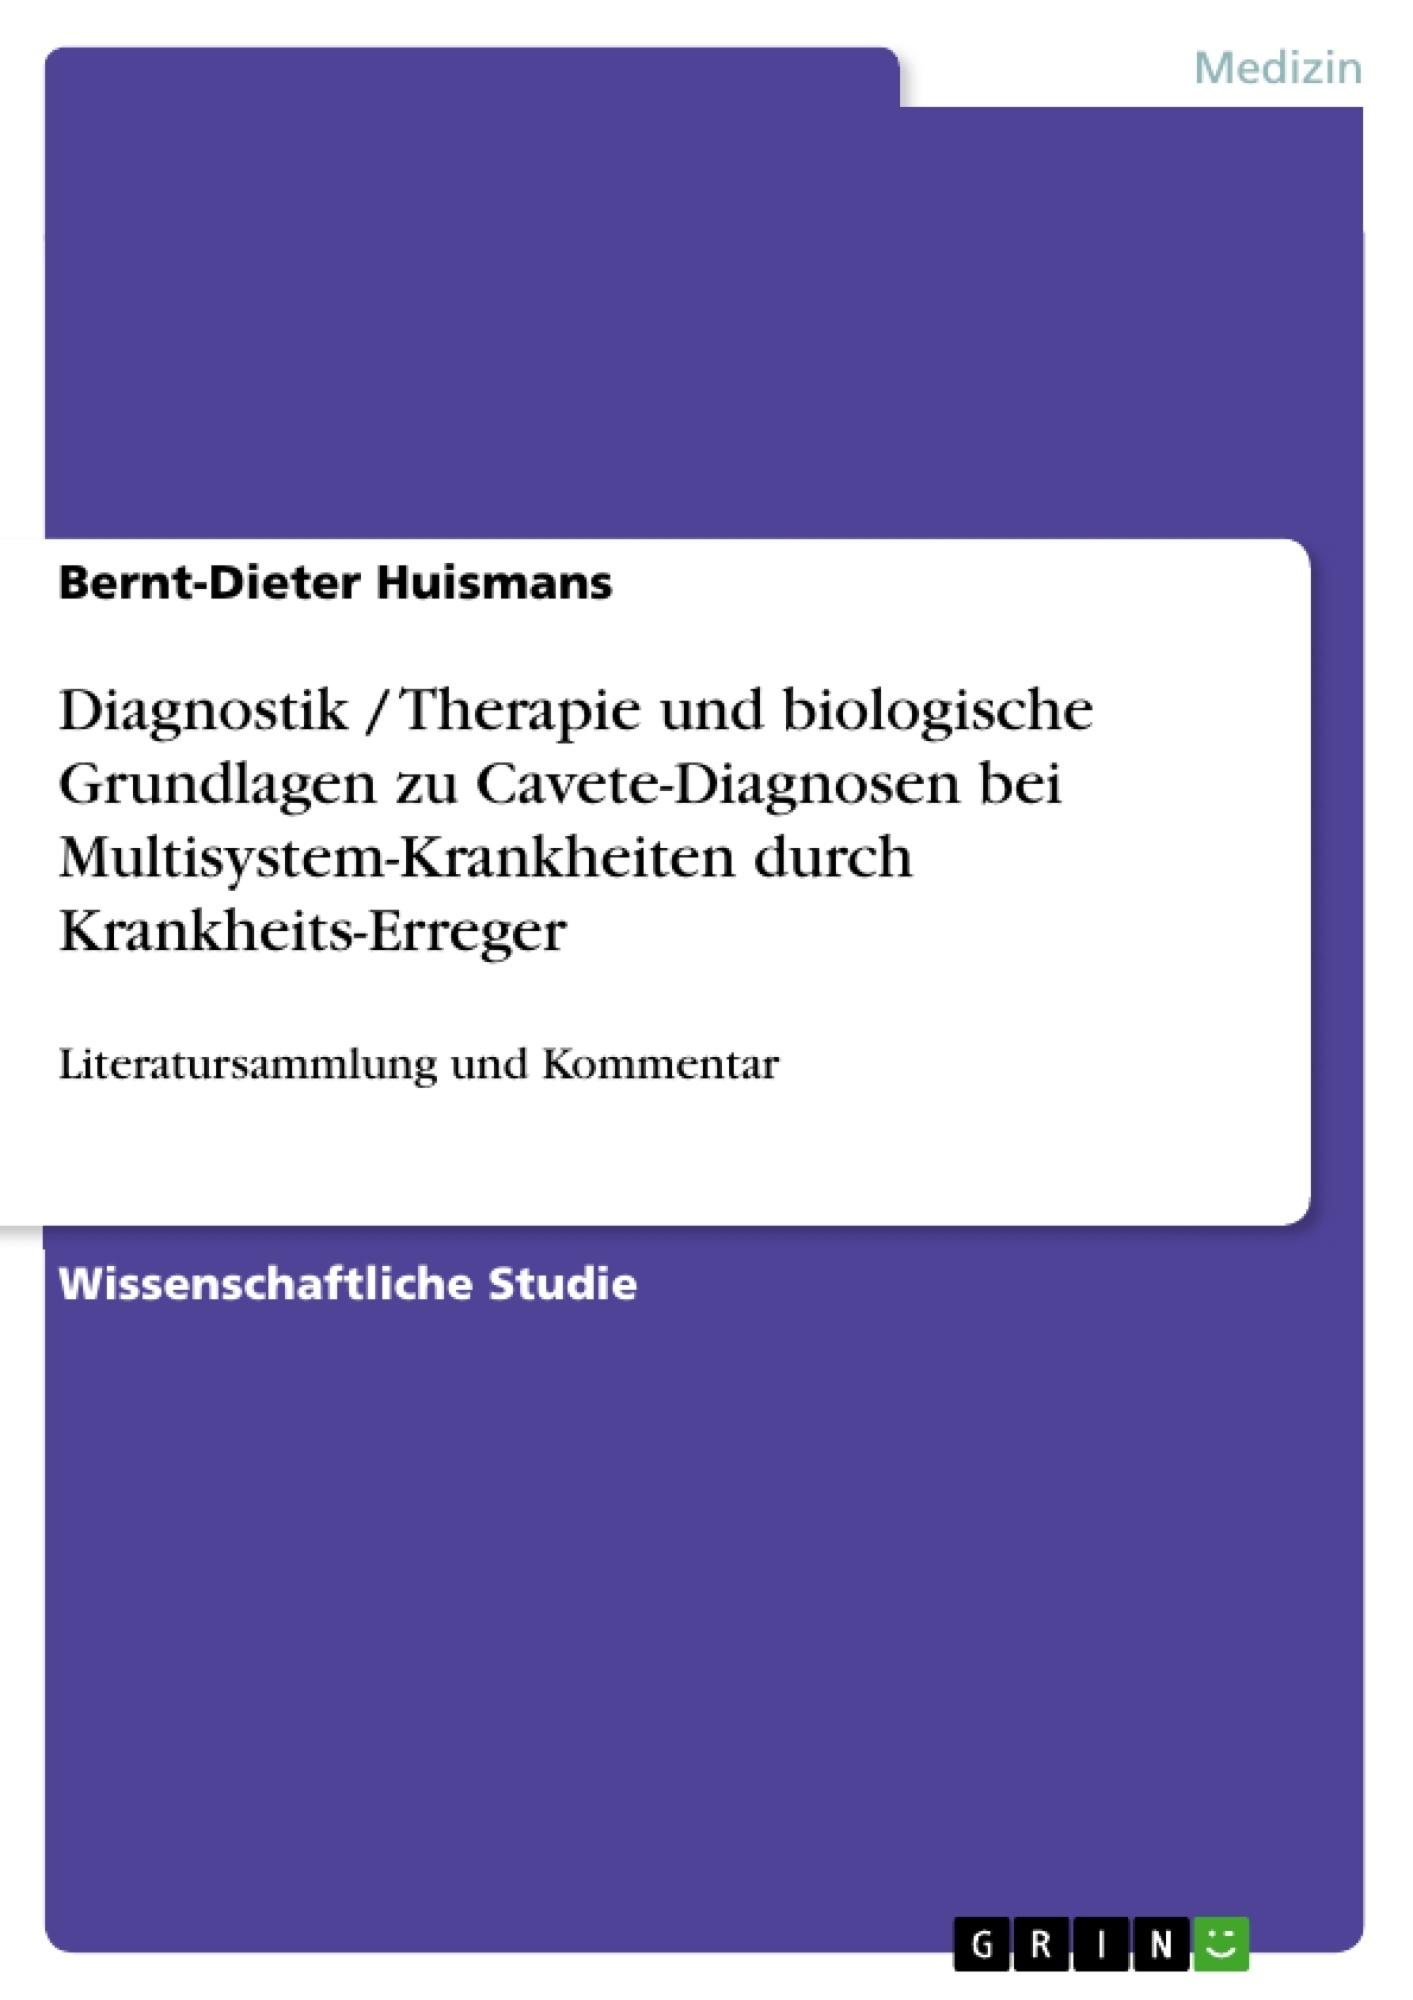 Titel: Diagnostik / Therapie und biologische Grundlagen zu Cavete-Diagnosen bei Multisystem-Krankheiten durch Krankheits-Erreger